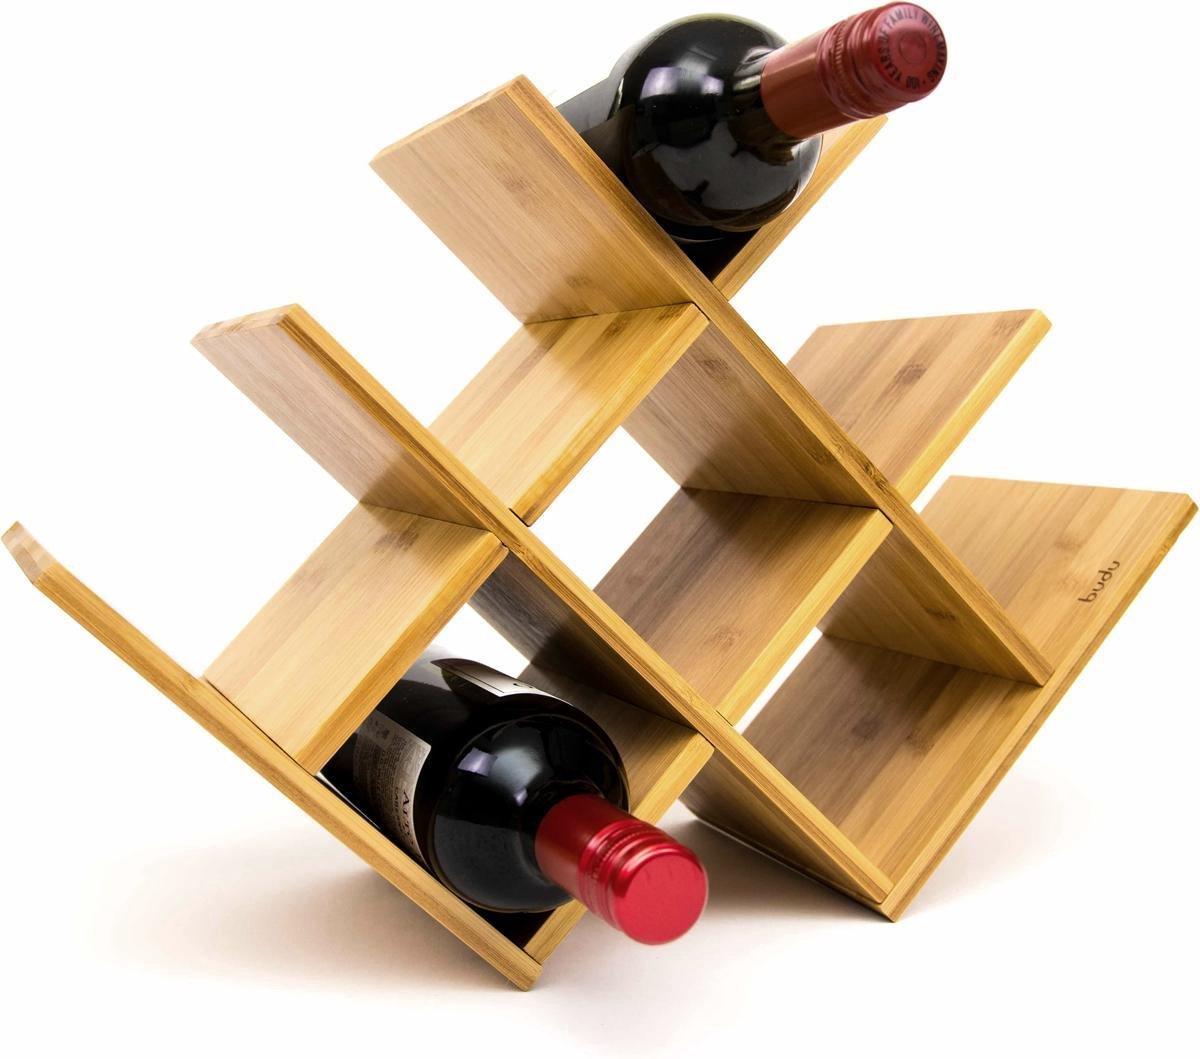 Budu Wijnrek Bamboe 8 Flessen - Wijnrek Hout - Houten Wijnrek - Flessenrek - Bamboe Wijnrekken - Wijnrek Design - Wijnfleshouder